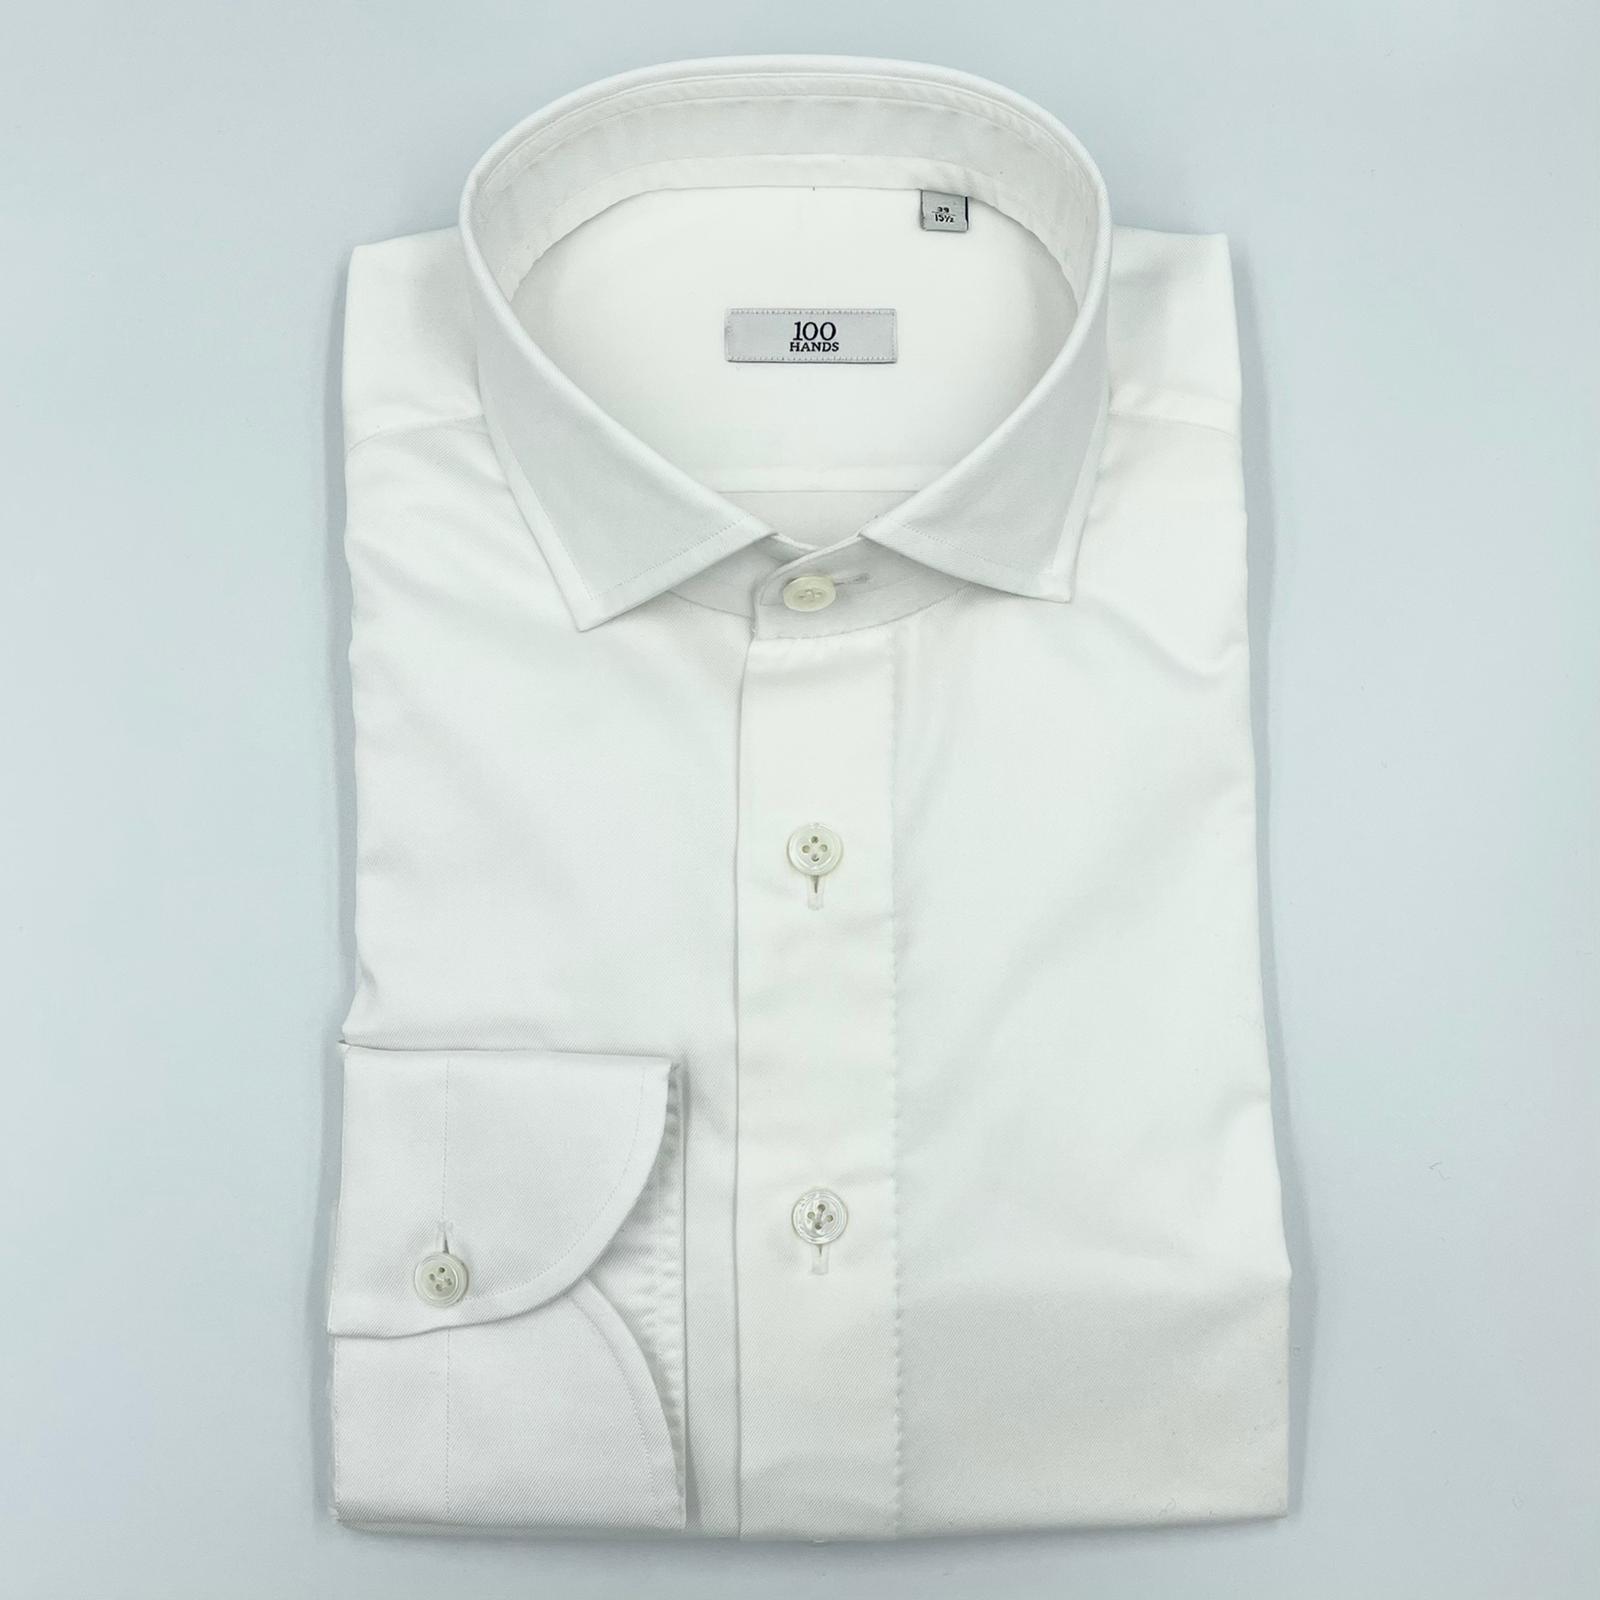 100 Hands White twill shirt